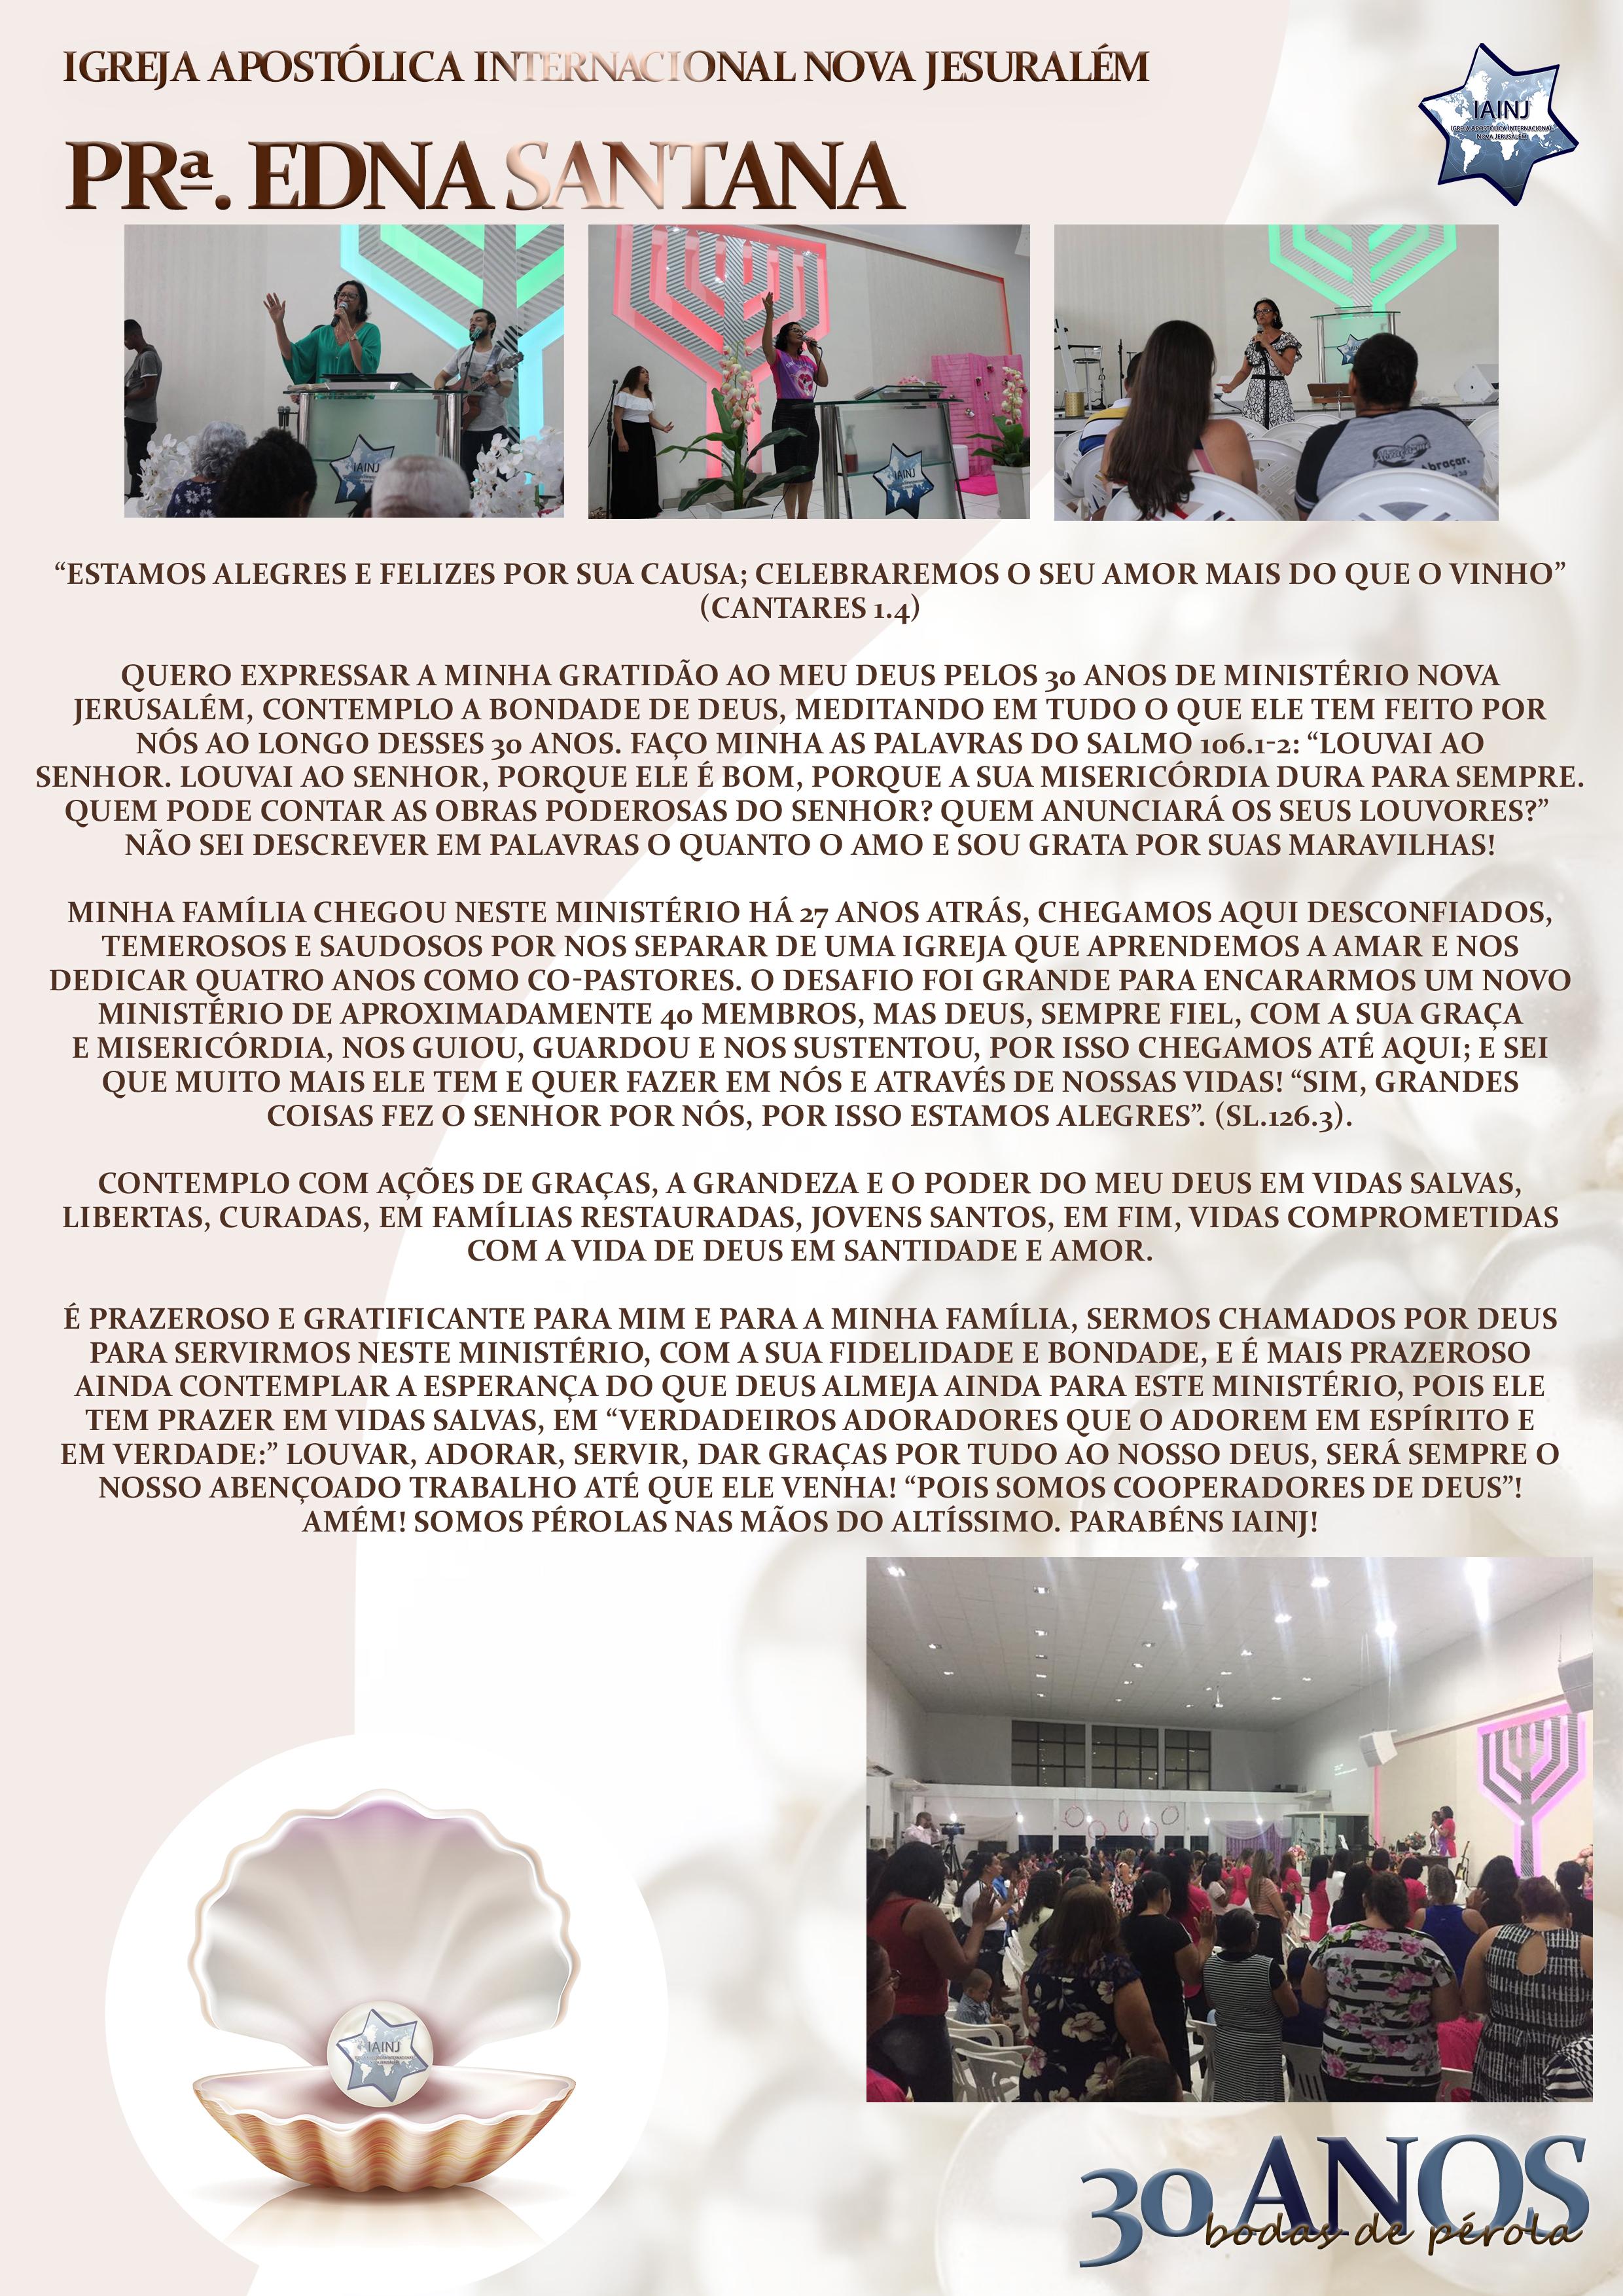 30 ANOS PRA EDNA.jpg